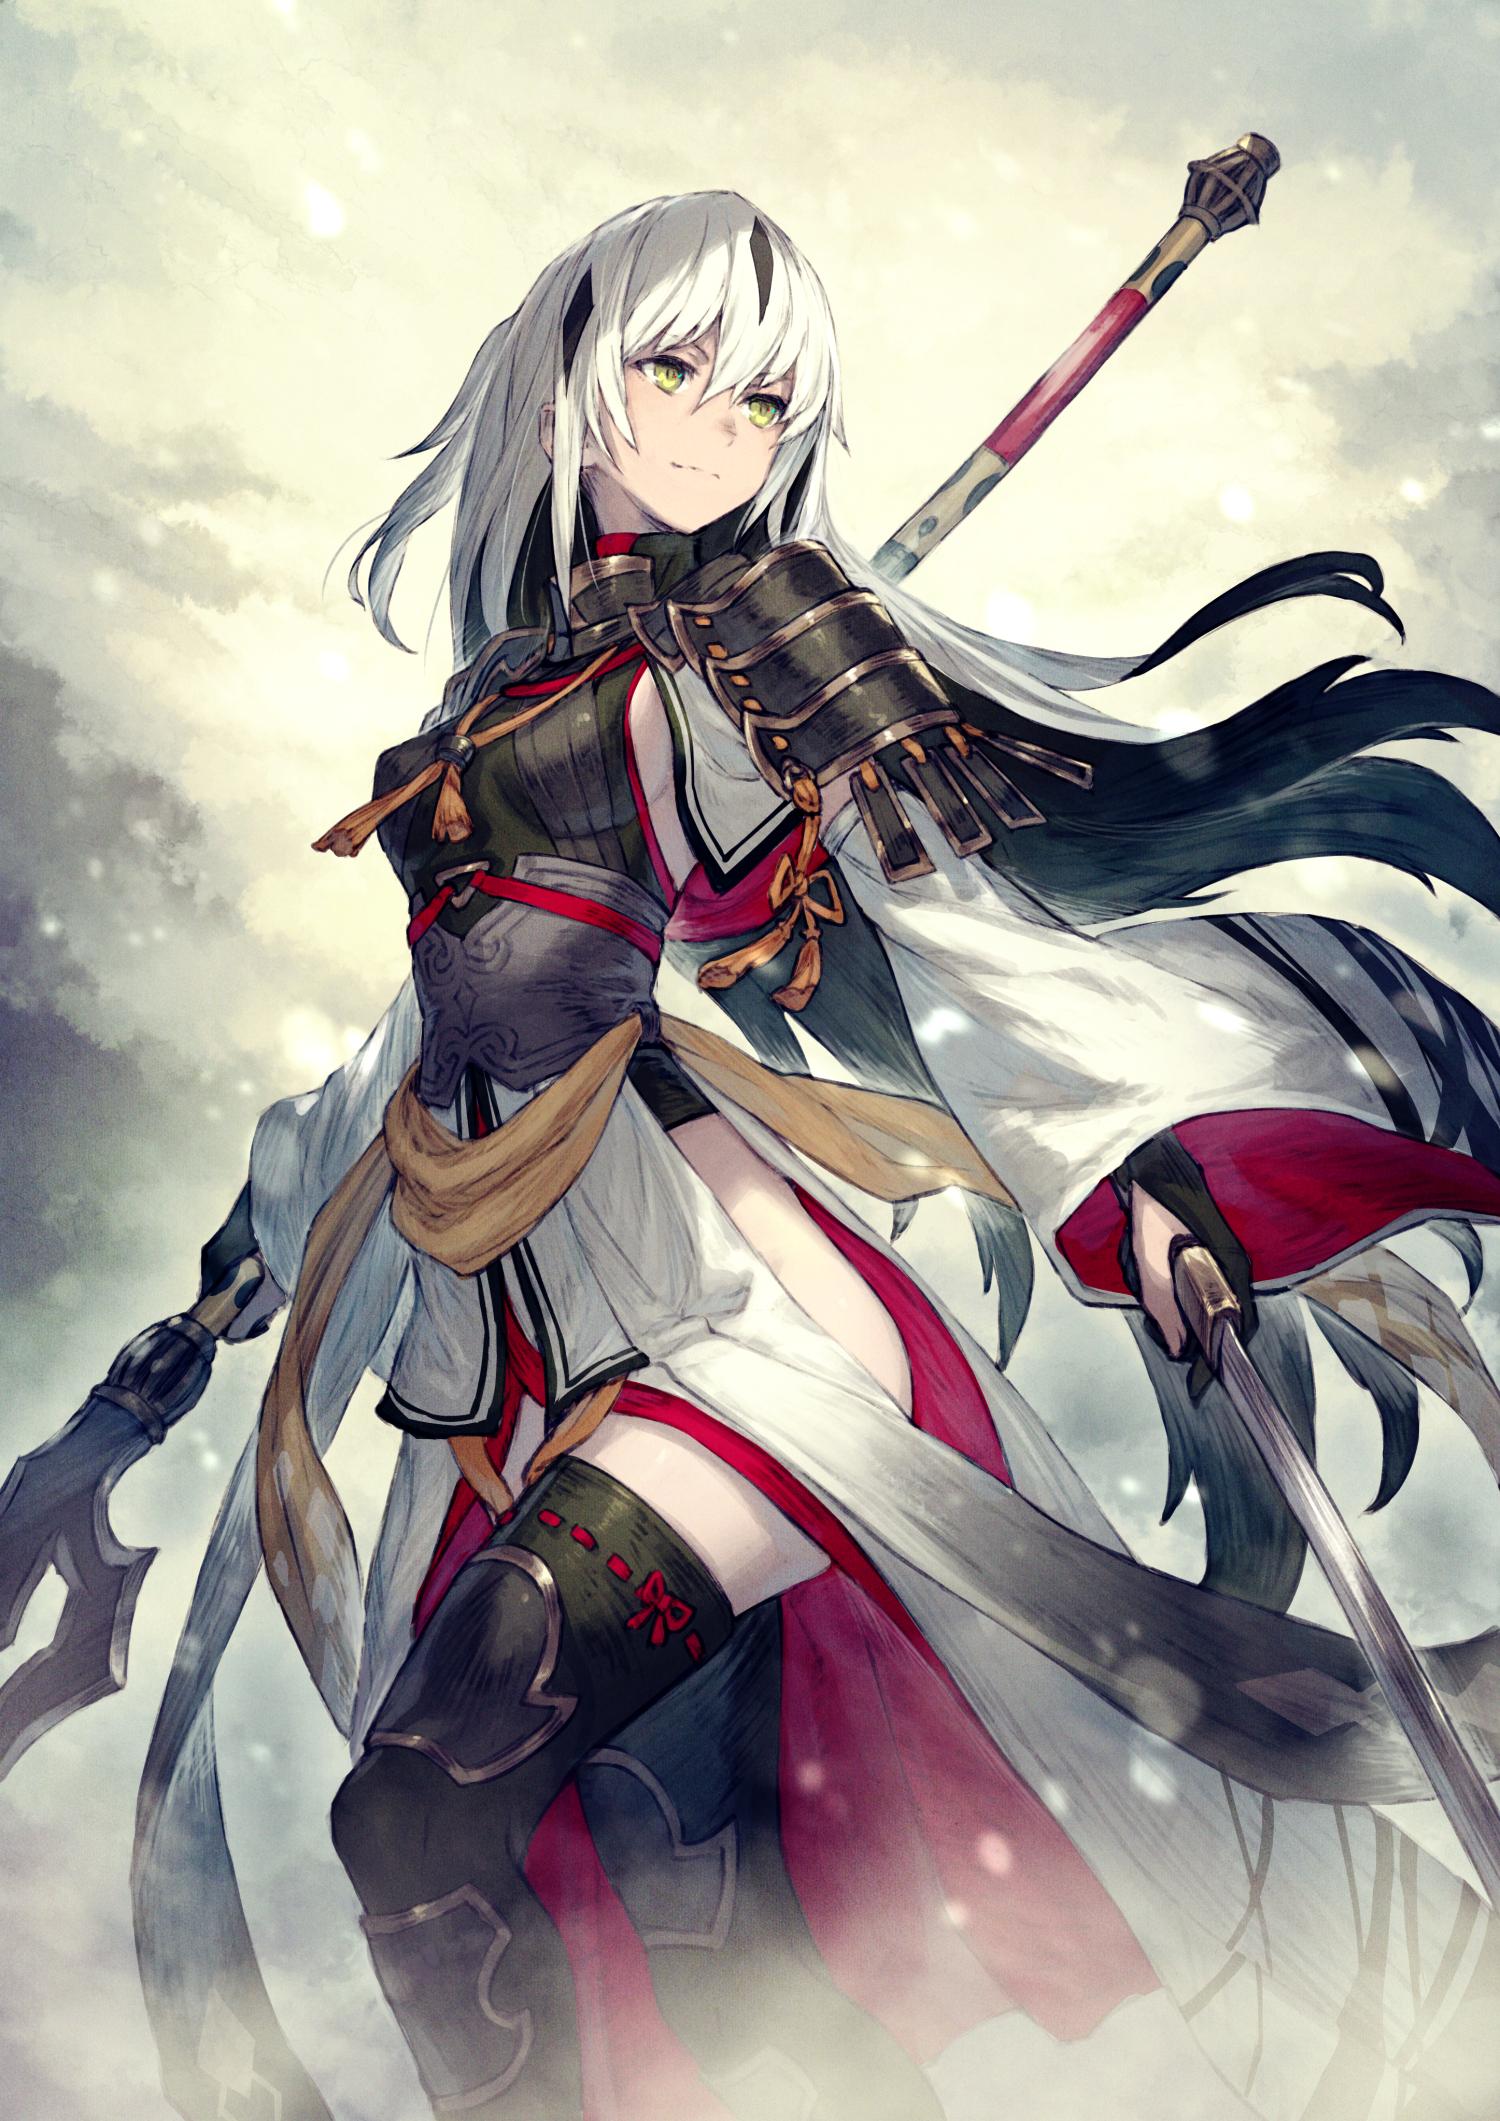 Anime 1500x2121 anime anime girls digital art artwork portrait display vertical long hair Fate/Grand Order FGO white hair lance sword girls with swords legs